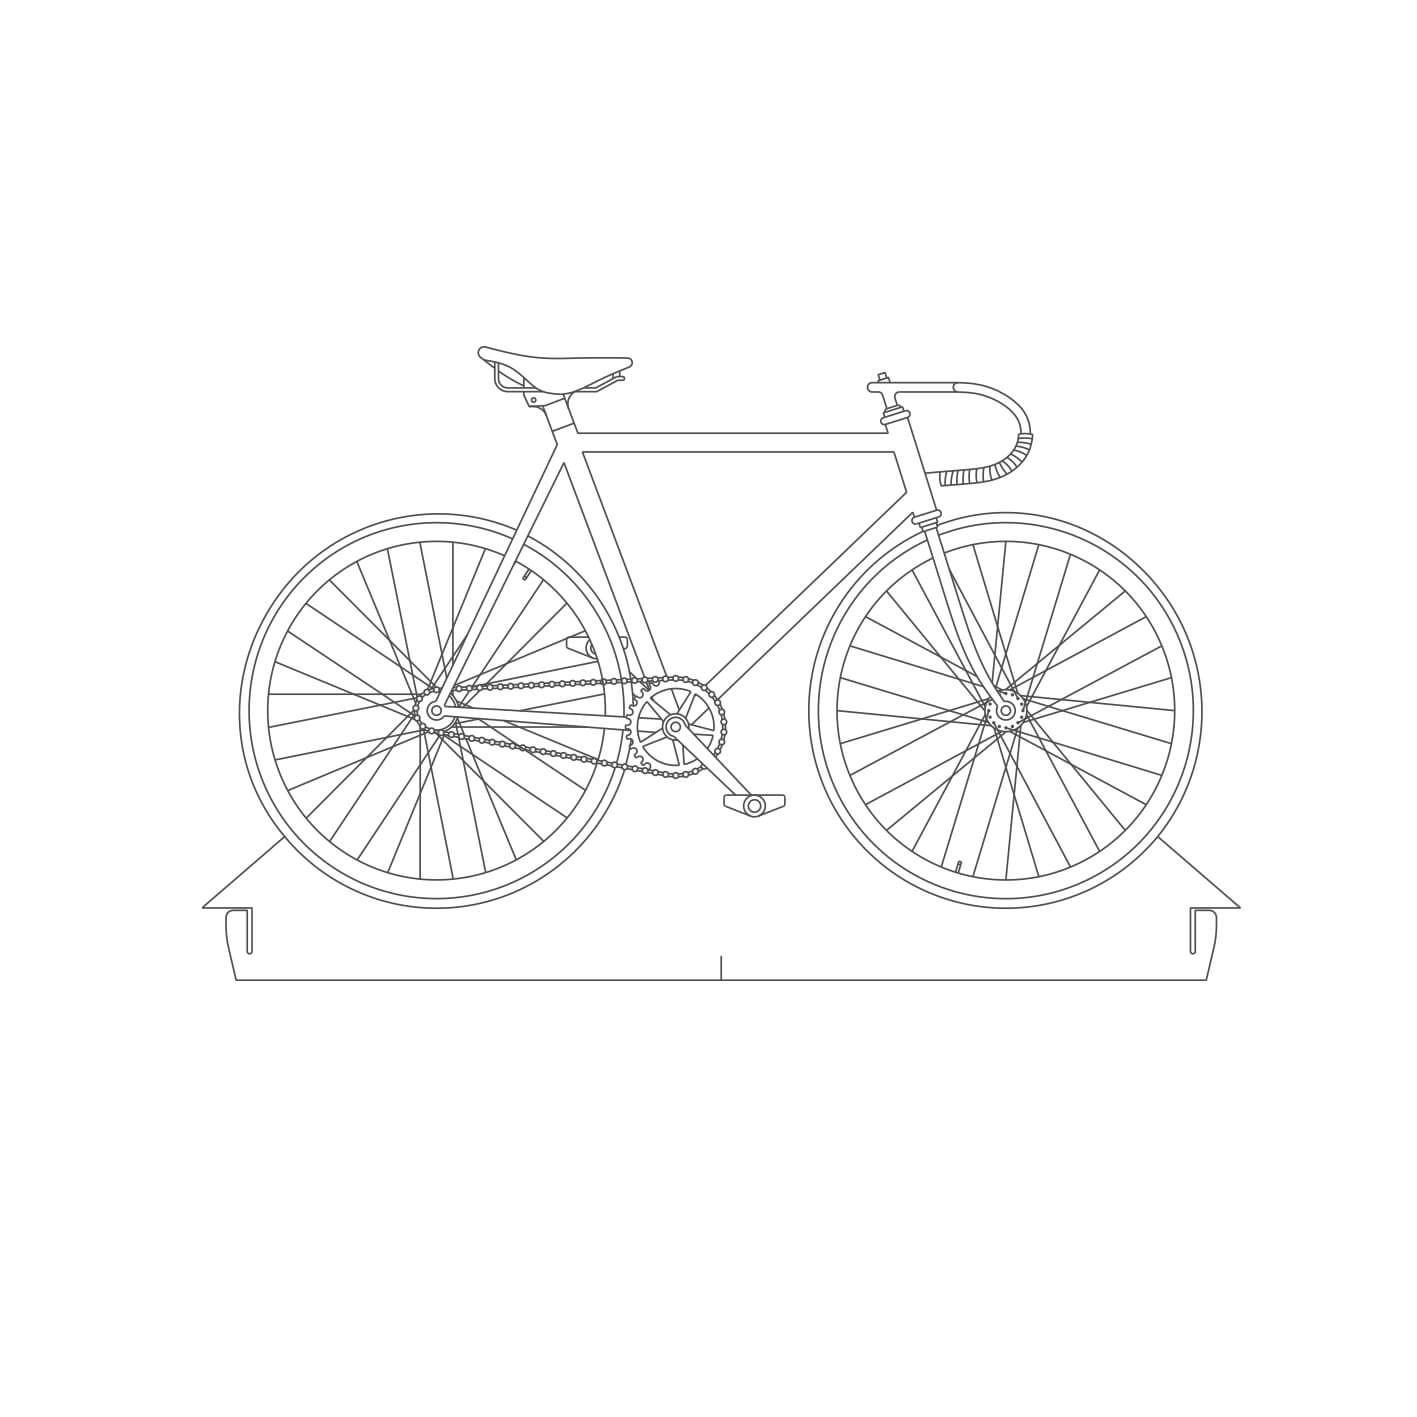 Bicicletas - Acrílico Bicicleta Fixa